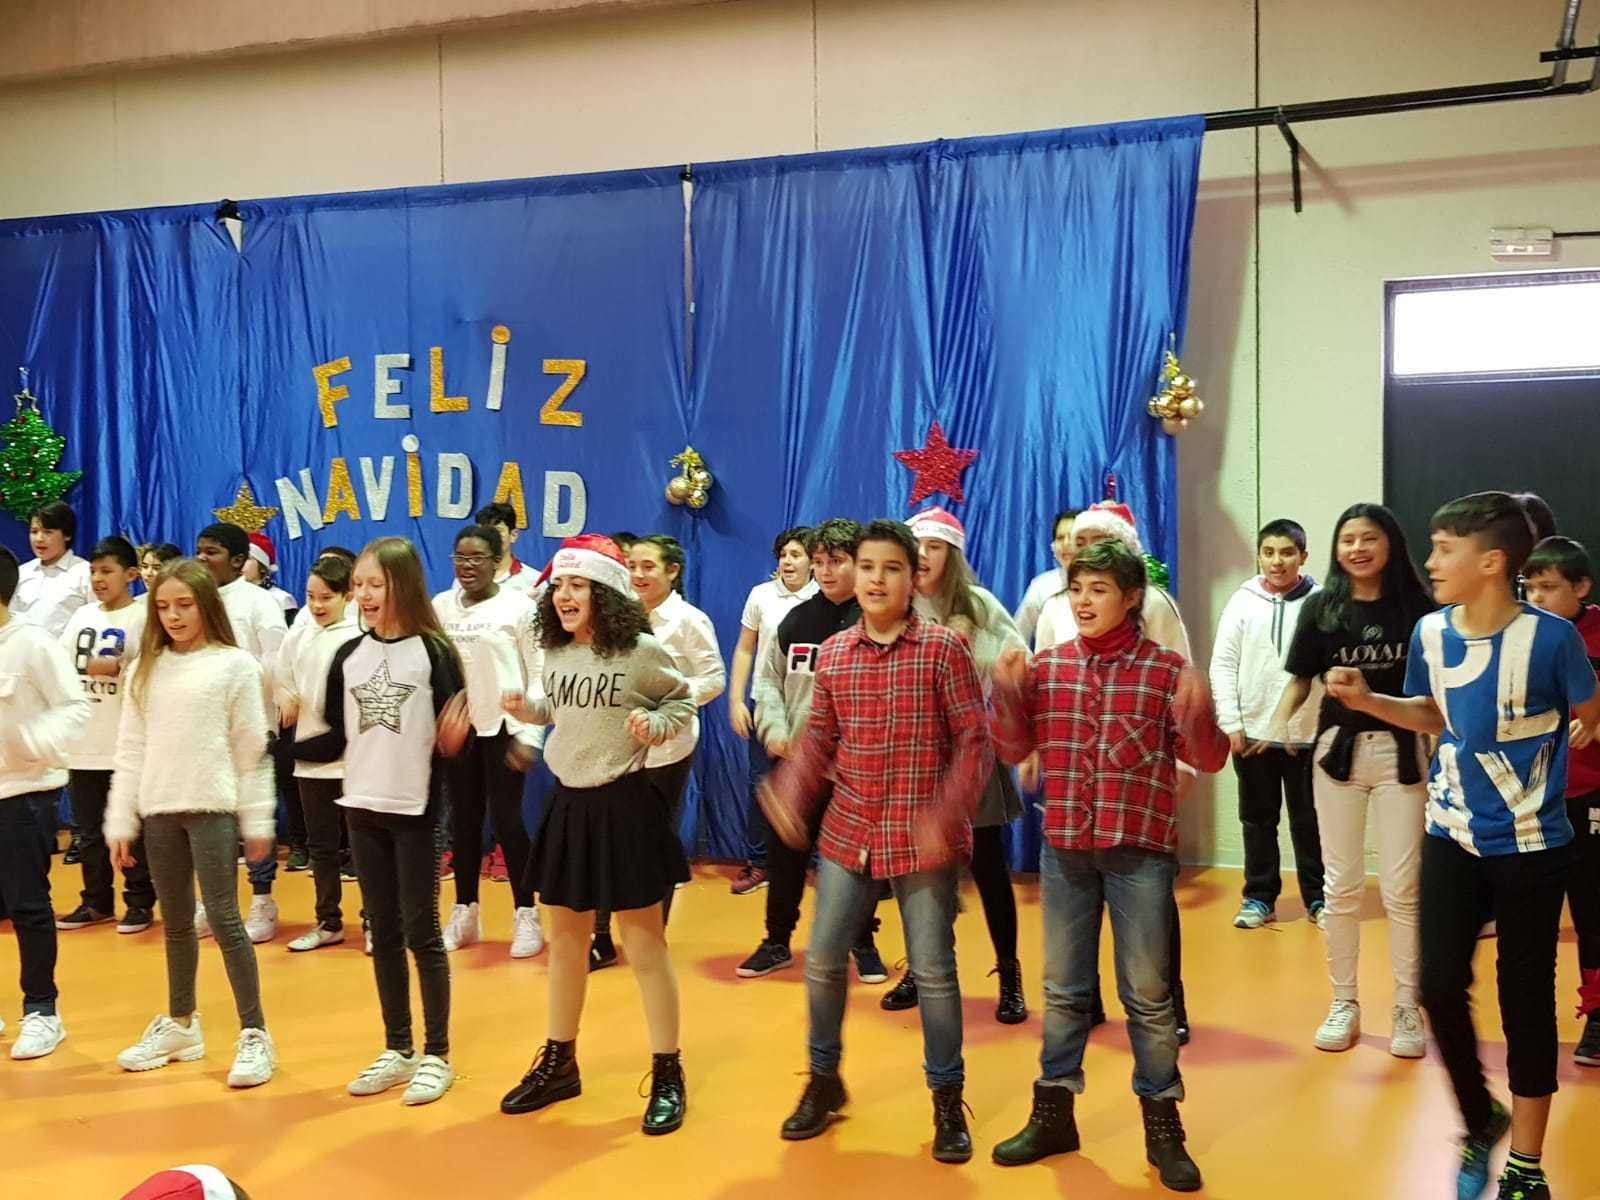 Último día - Festival navidad 21